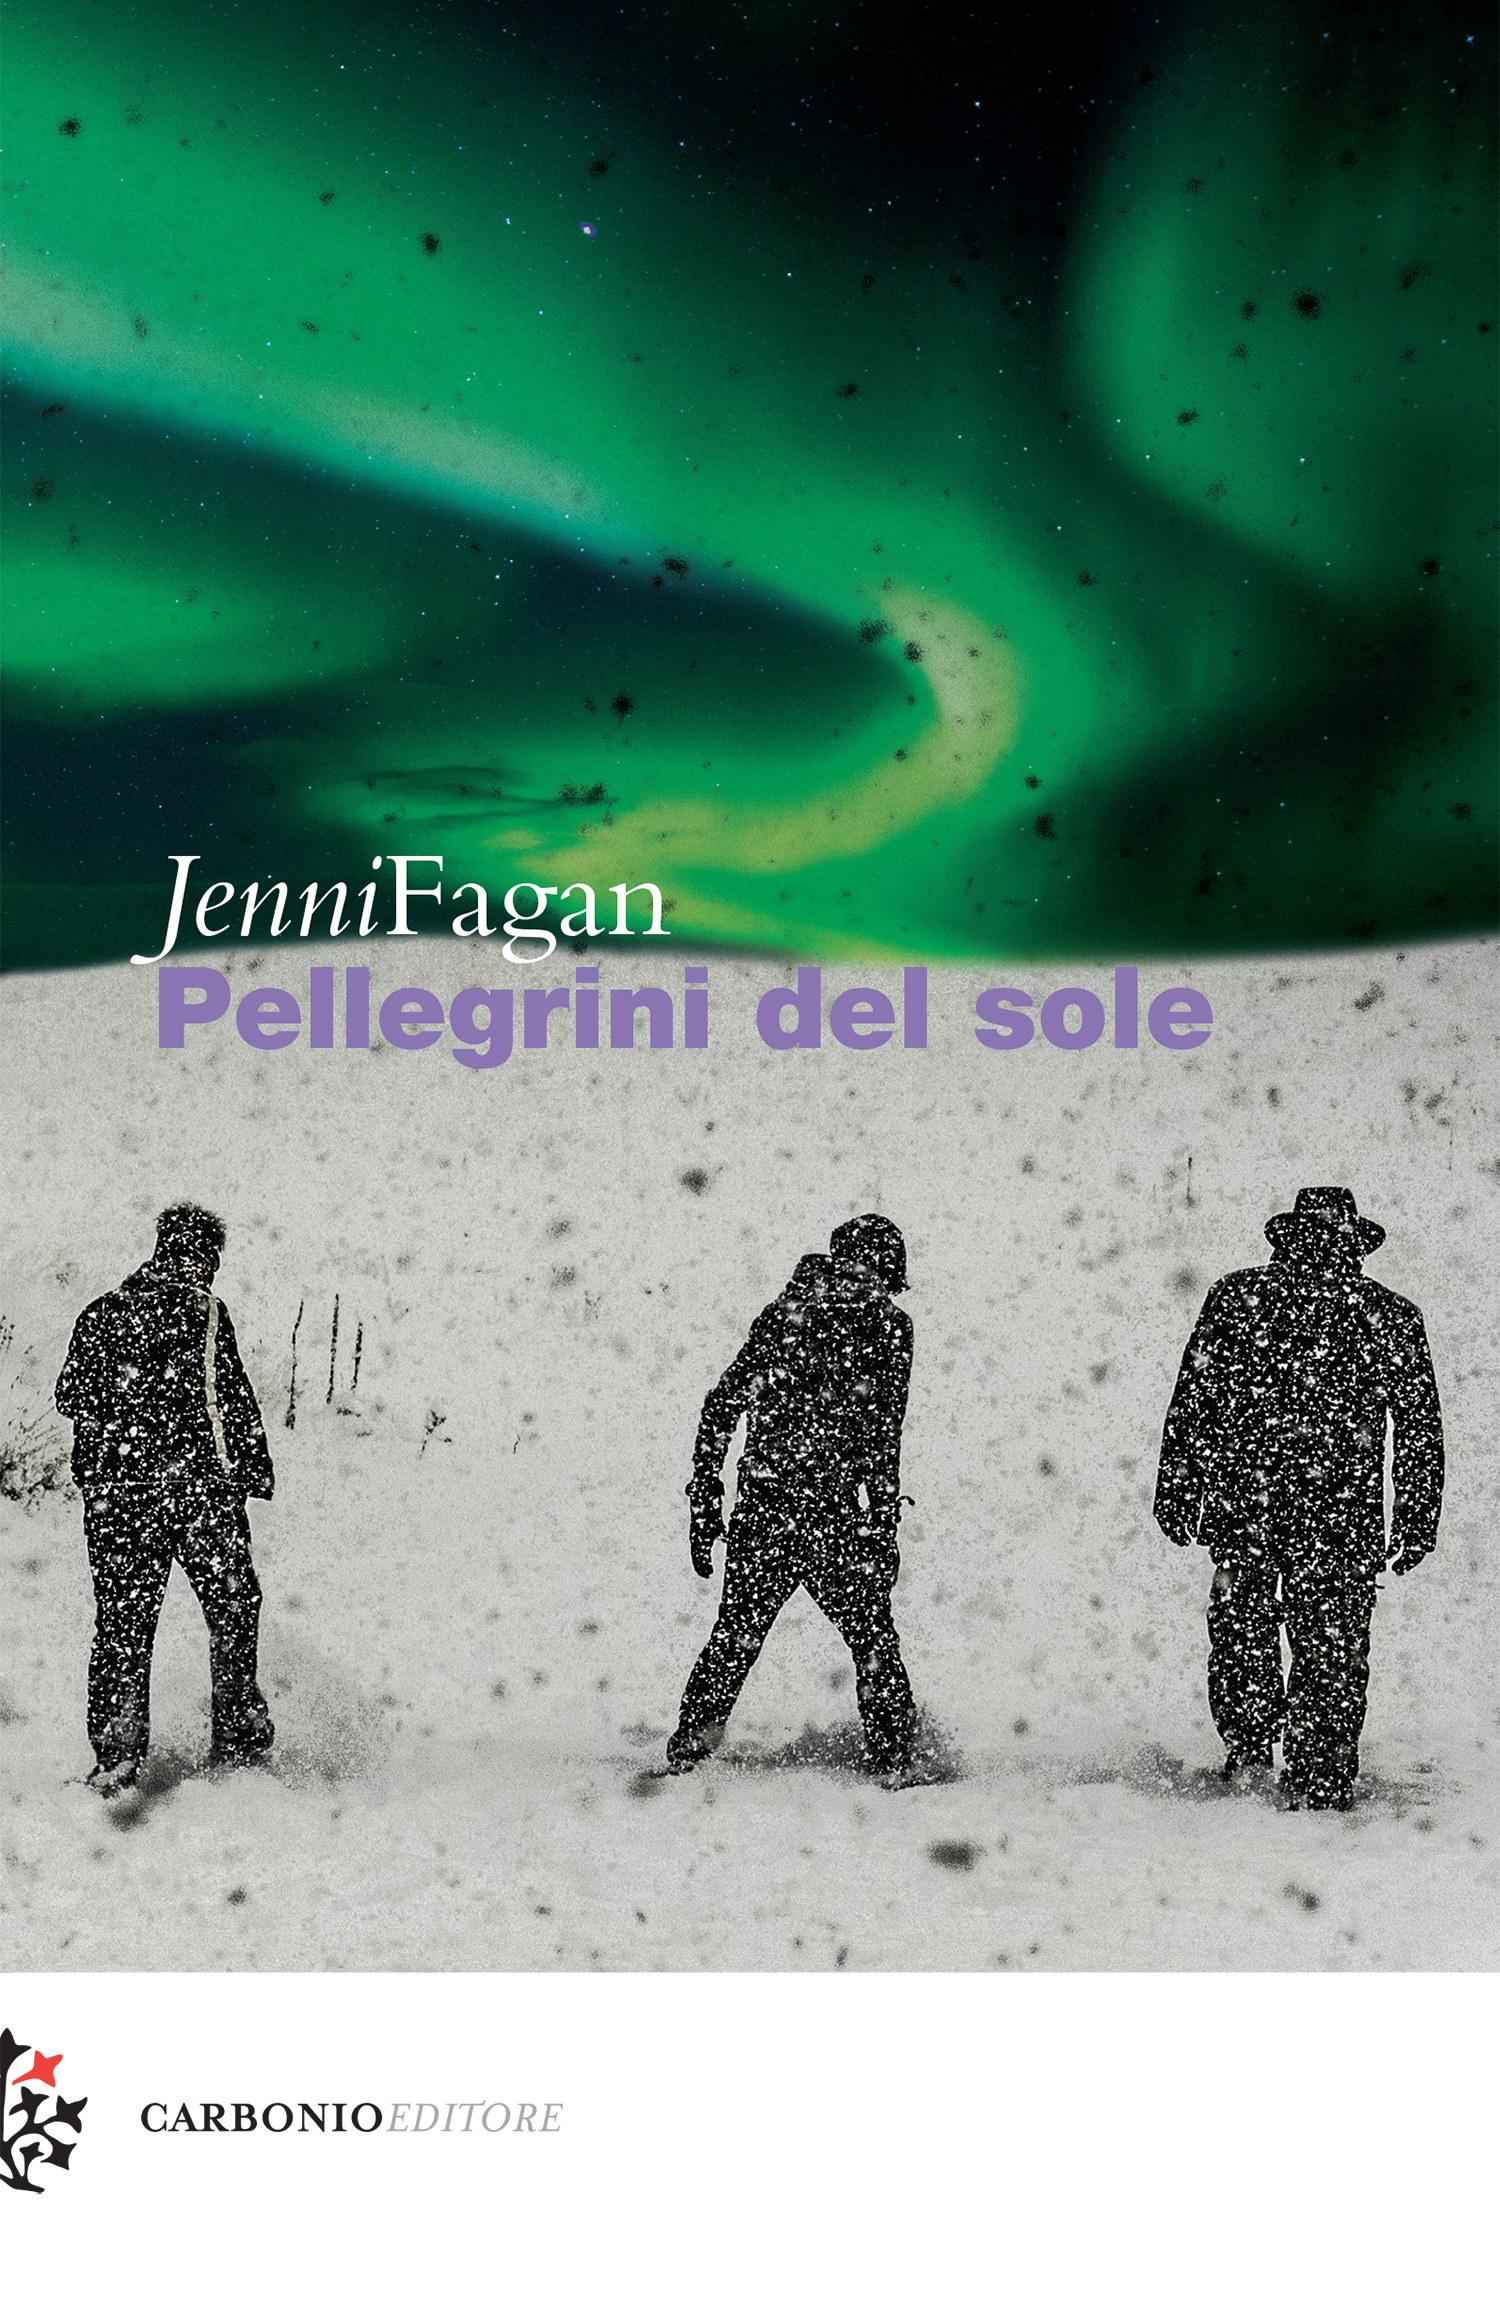 Risultati immagini per Jenni Fagan, I pellegrini del sole (Carbonio Editore).